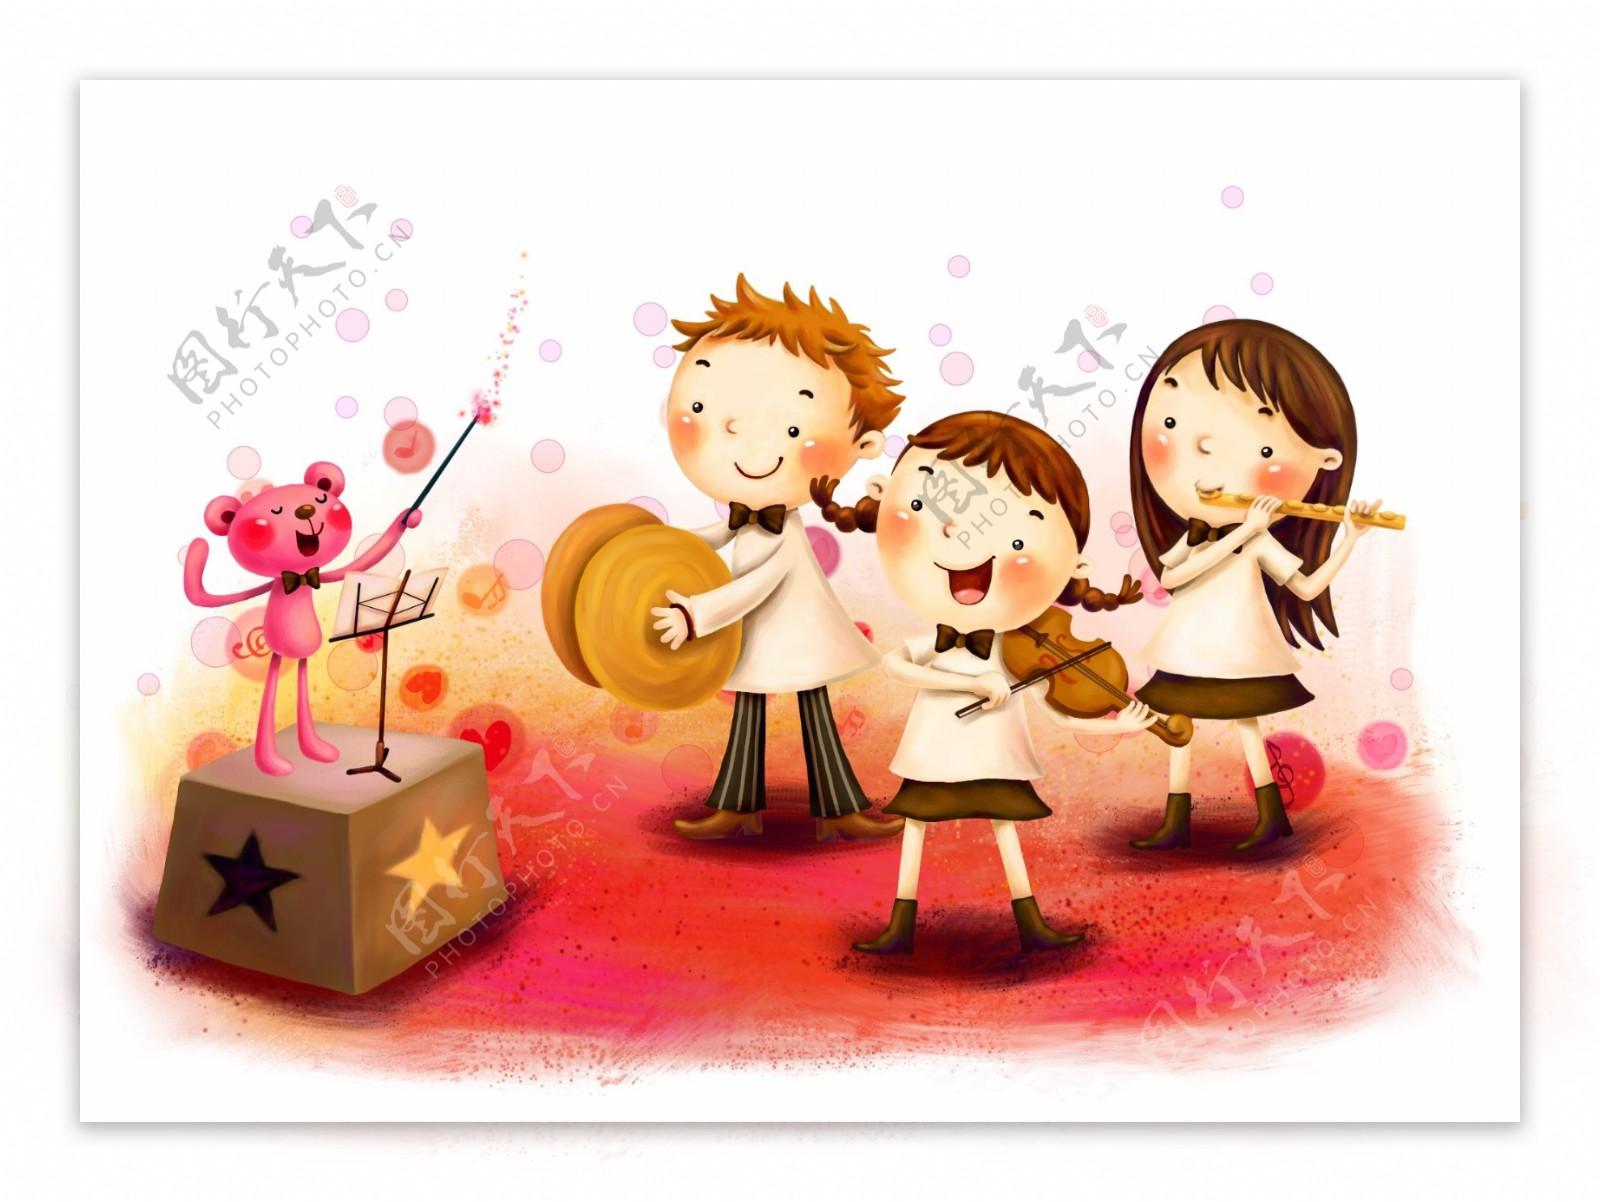 儿童演奏乐器图片